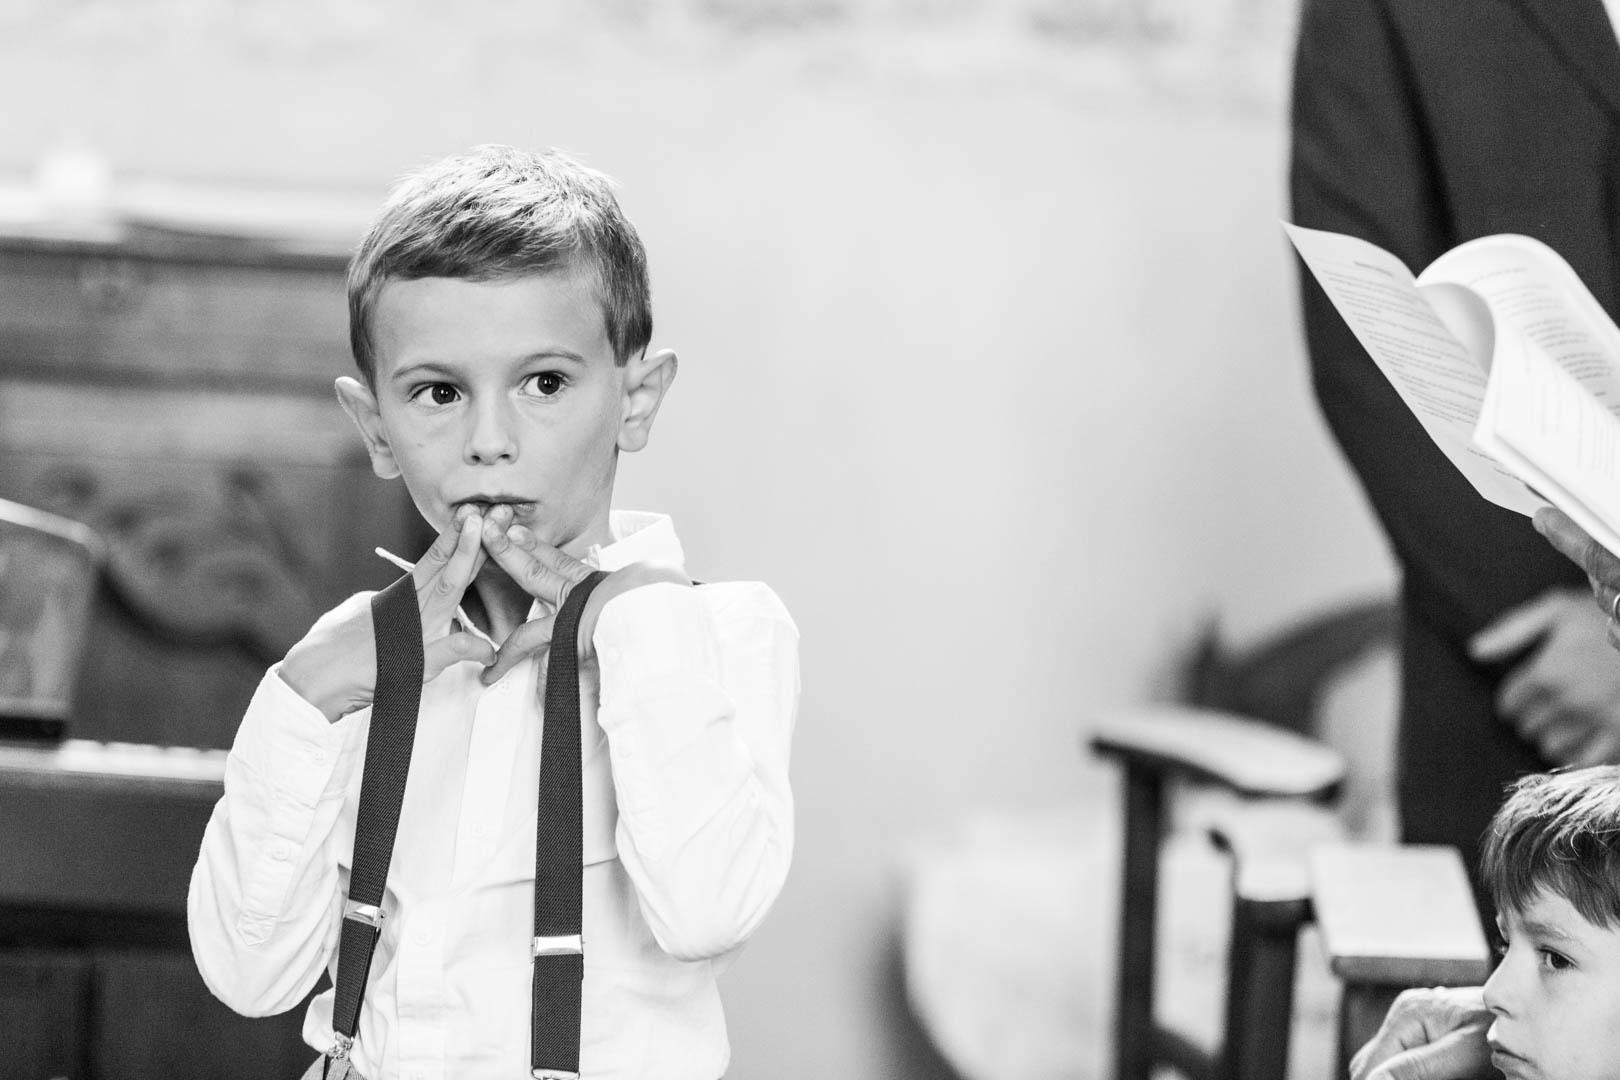 Un enfant presque sage pendant la cérémonie religieuse du mariage.